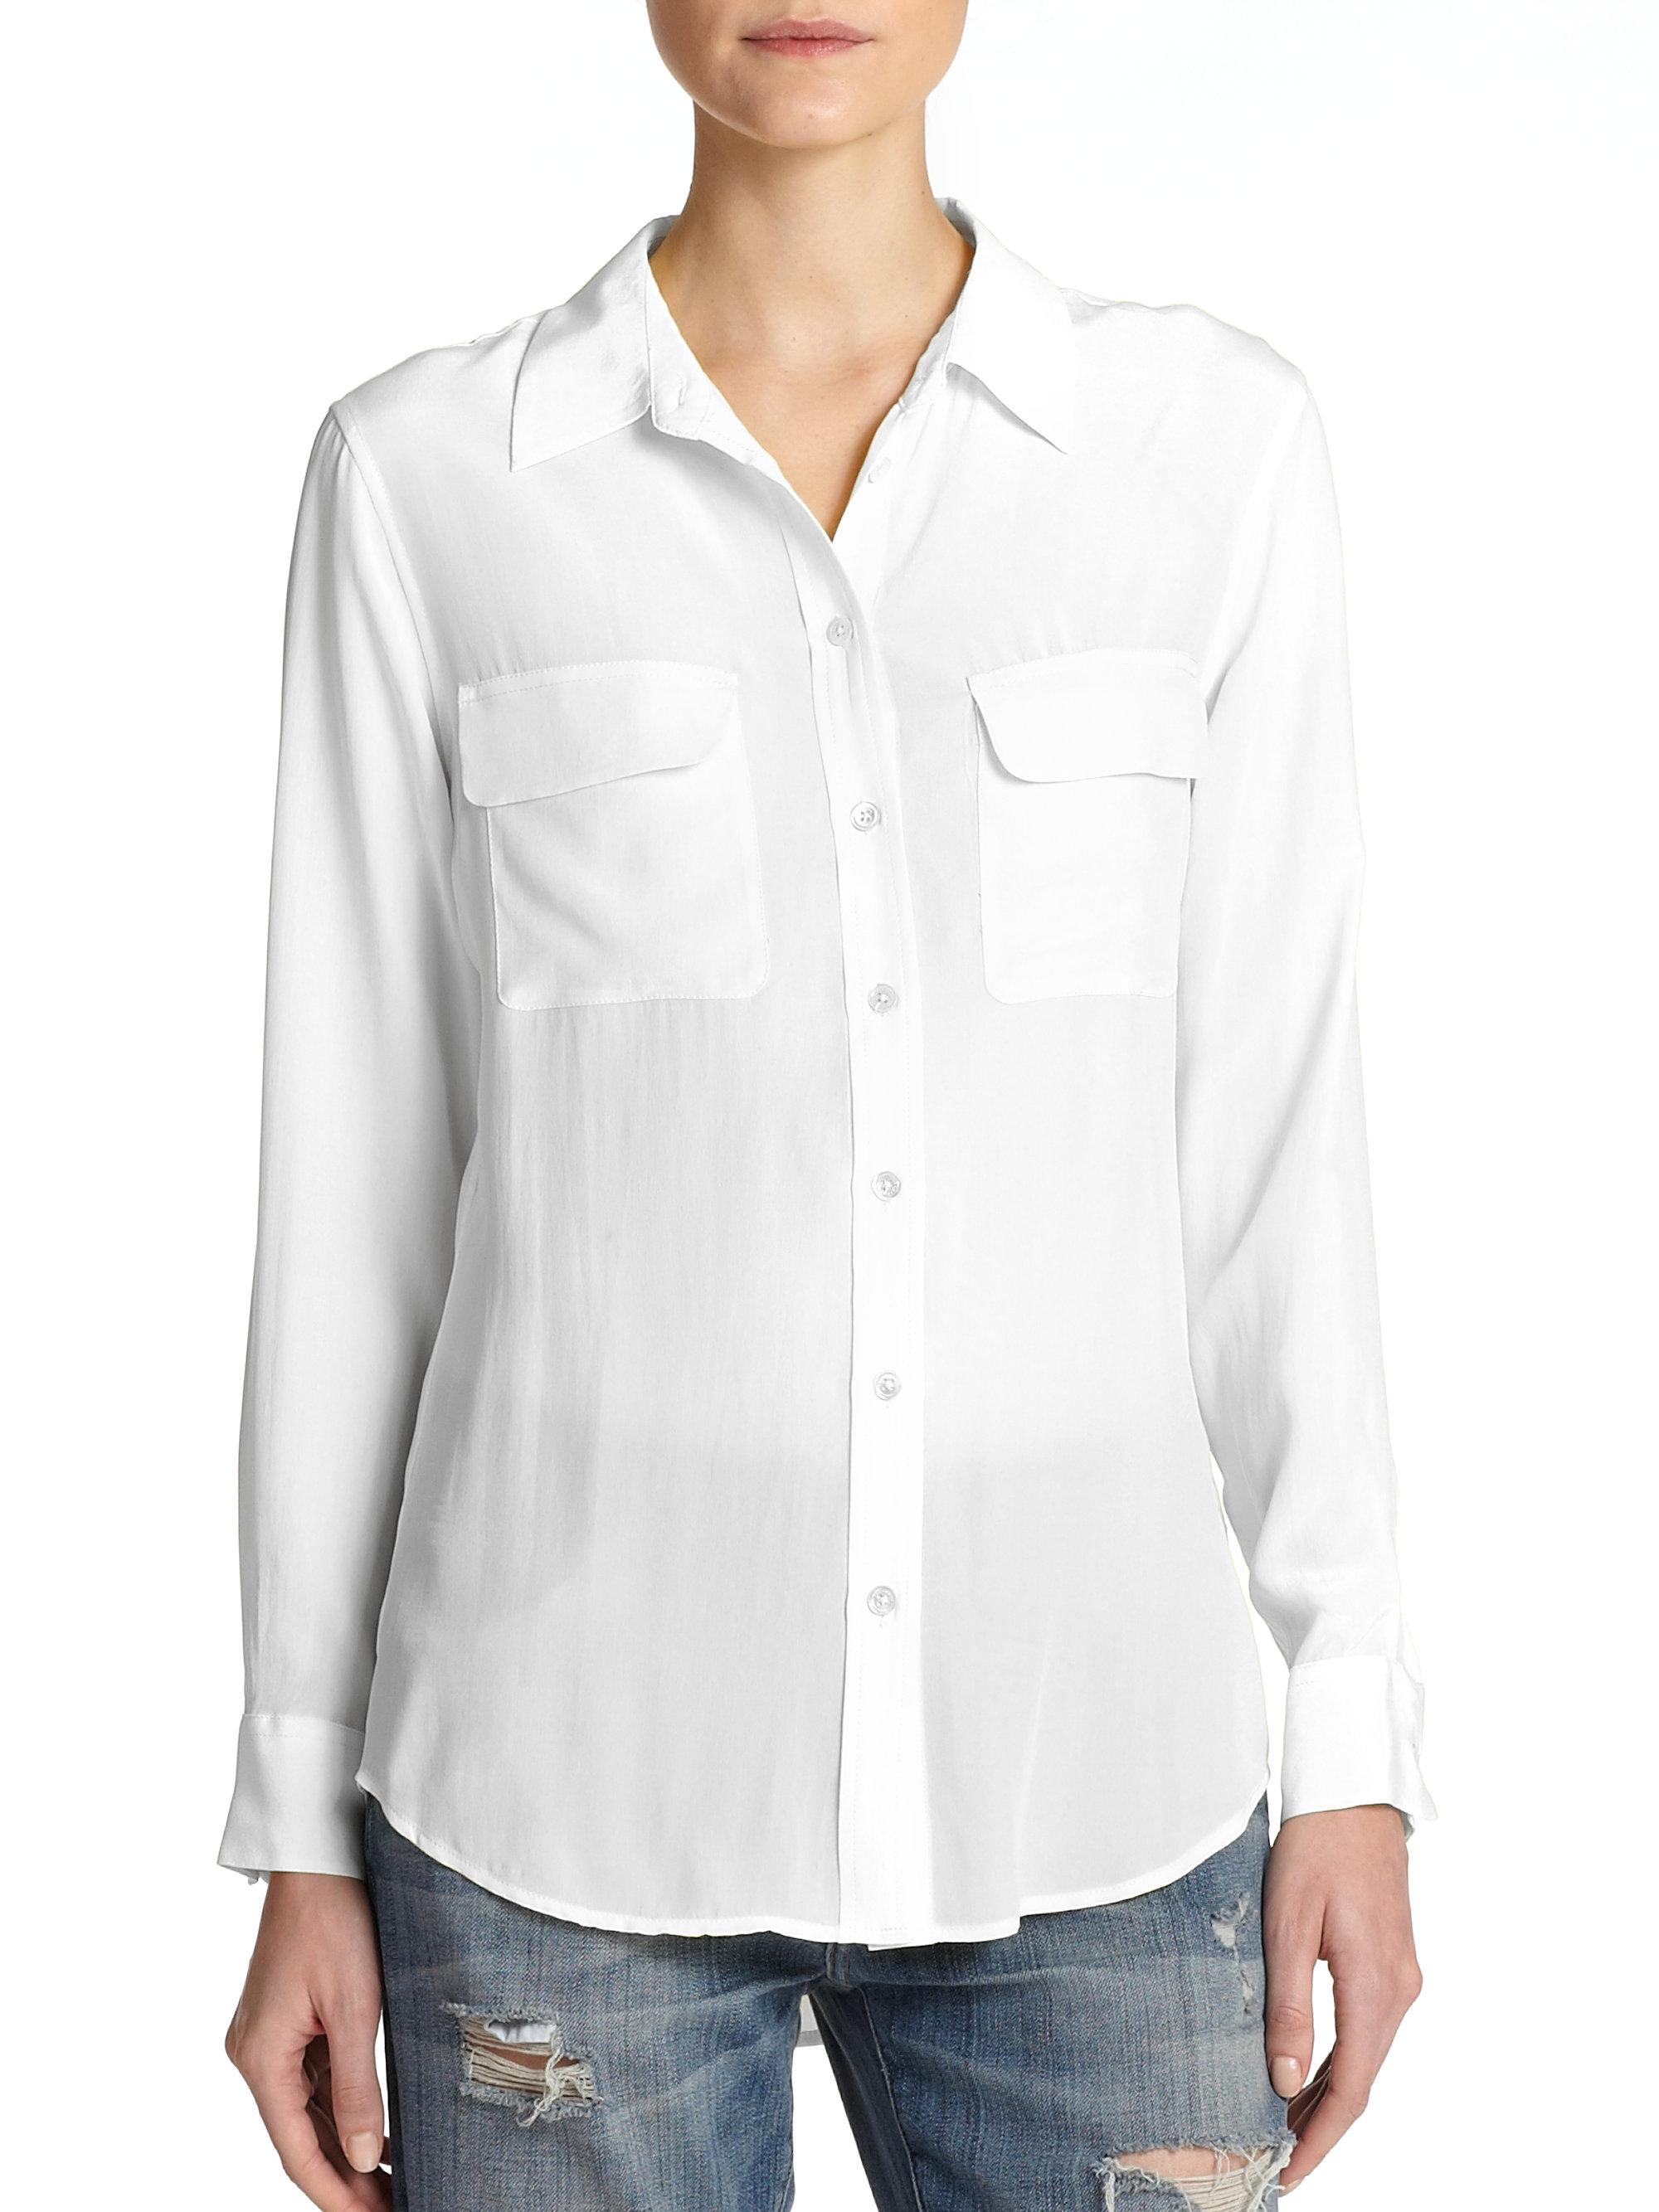 Equipment slim signature silk shirt in white save 12 lyst for Equipment signature silk shirt